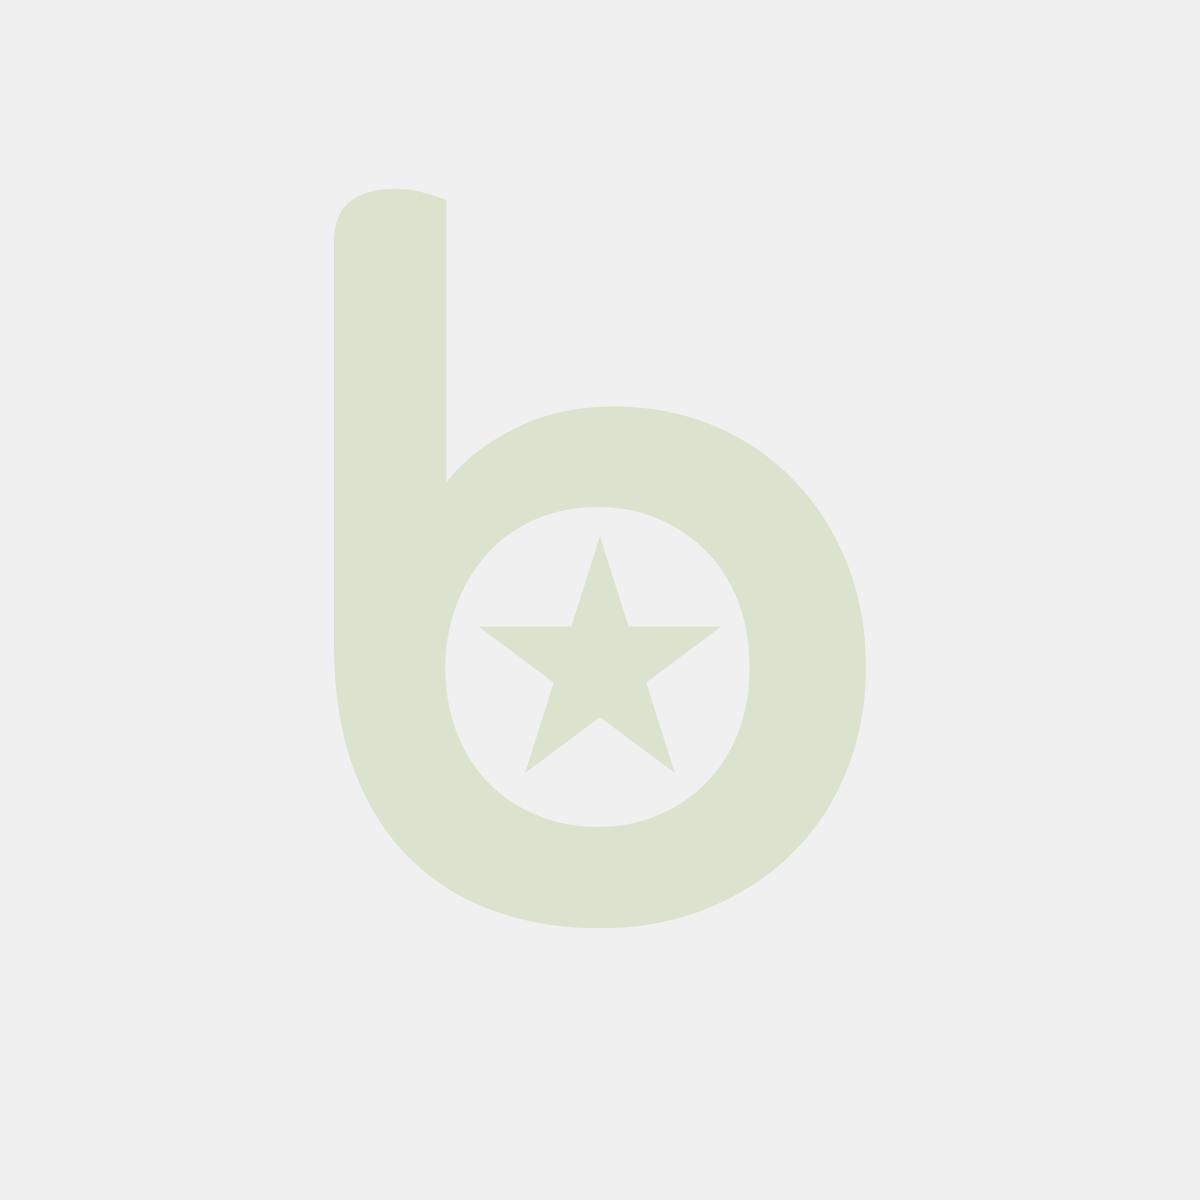 Bloczek samoprzylepny POST-IT® Super sticky (655-6SS-RIO), 127x76mm, 6x90 kart., paleta Rio de Janeiro